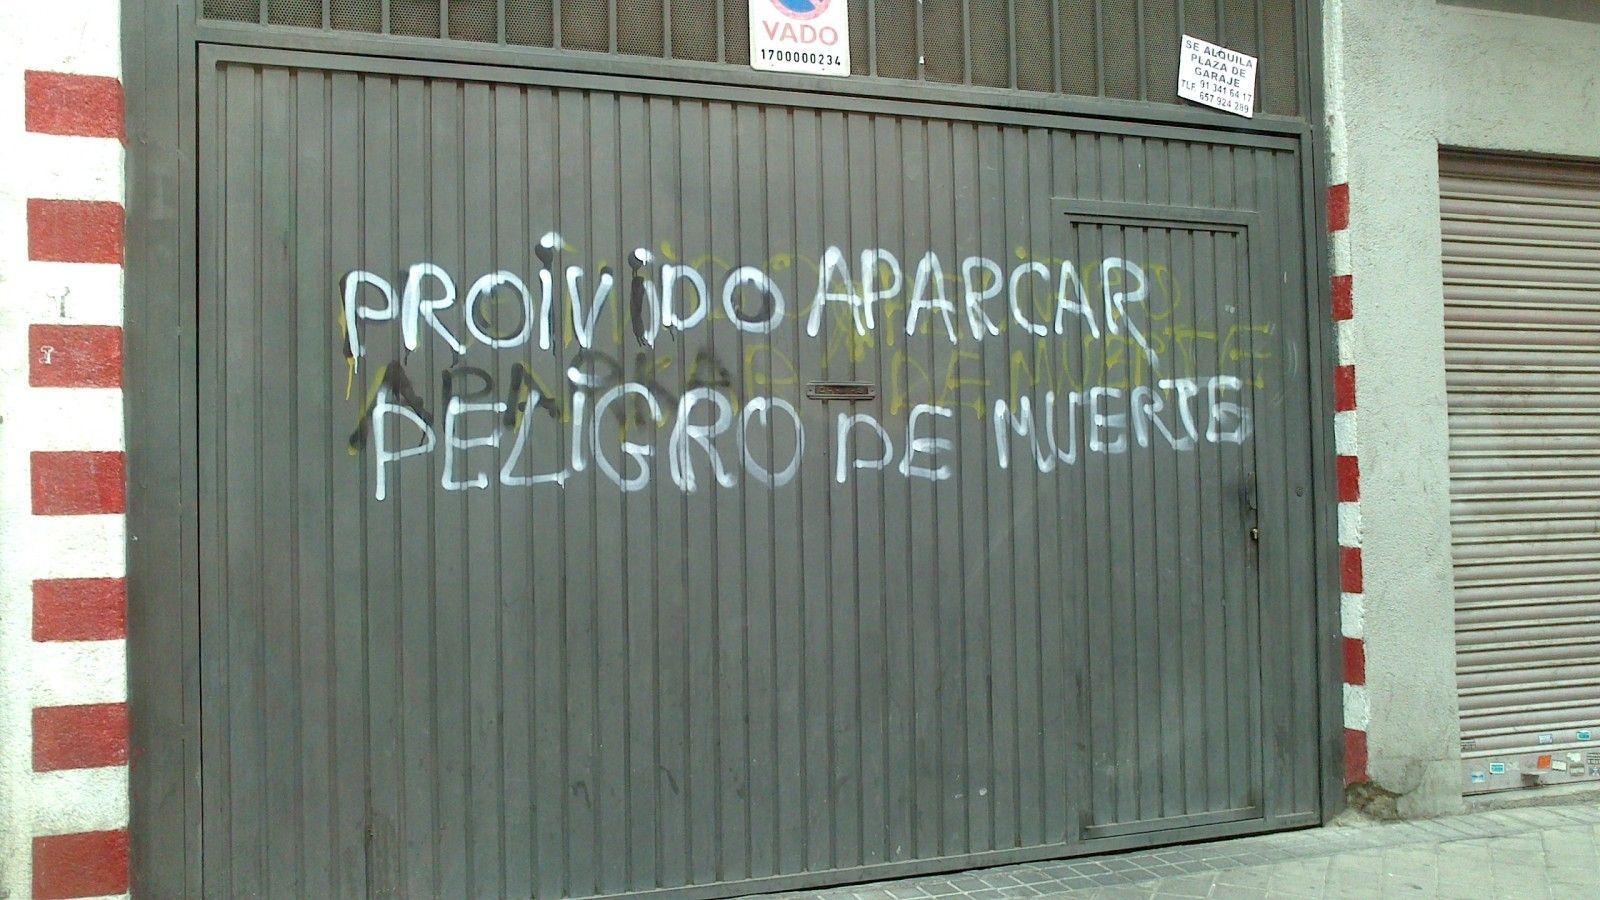 Proivido aparcar - Letrero nº 41 Poesía Visual anónima